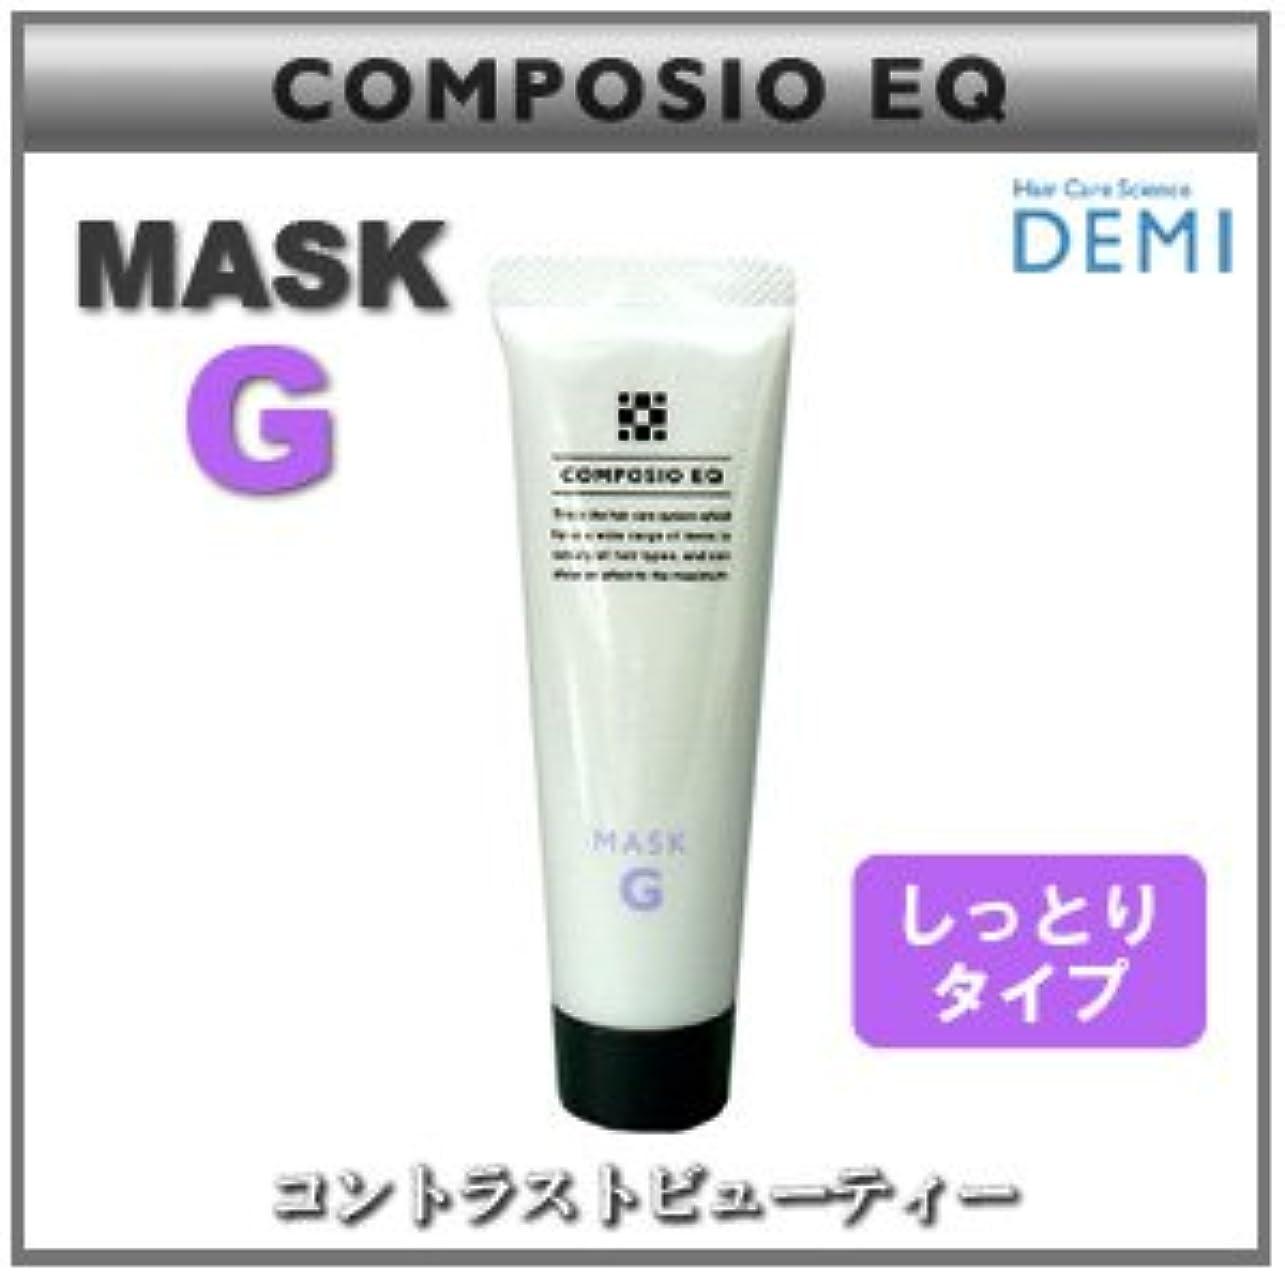 おなじみの最小化する急行する【X3個セット】 デミ コンポジオ EQ マスク G 50g